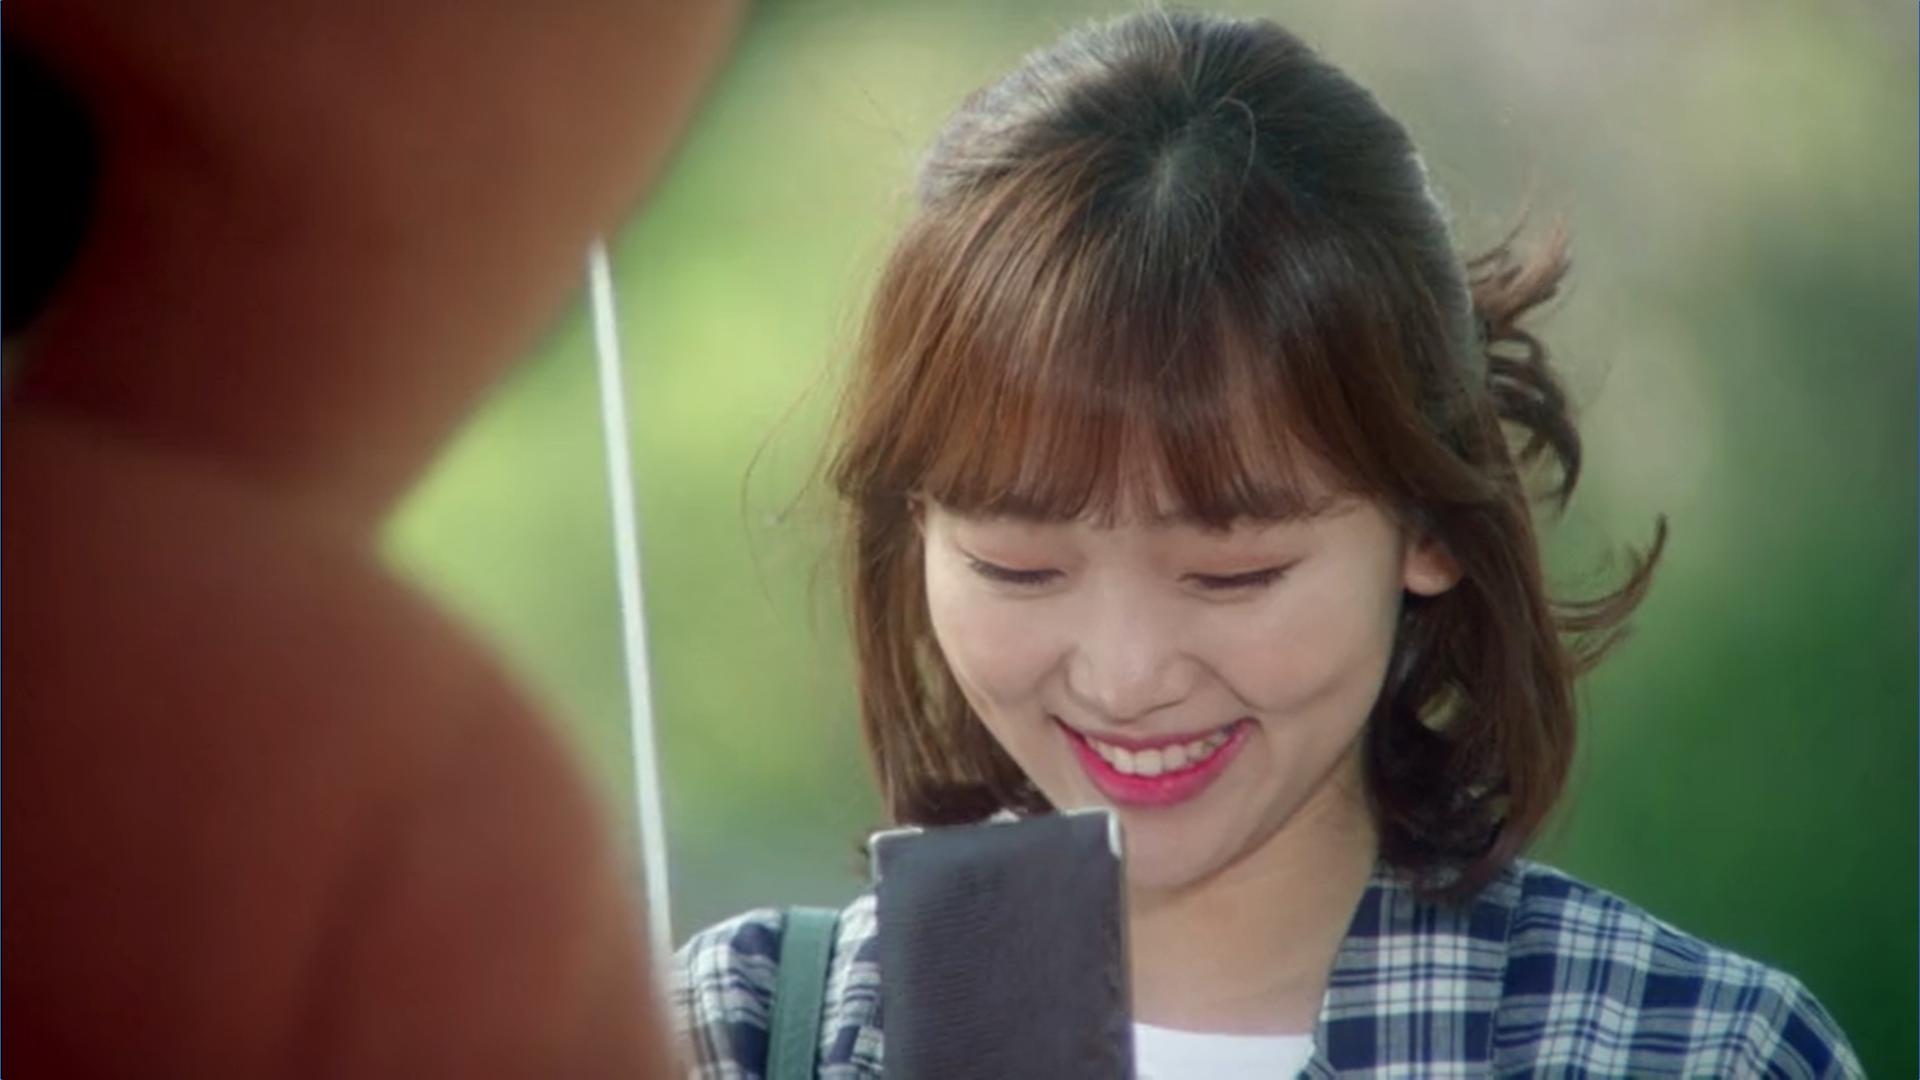 Wednesday 3:30 PM Baek Seung-gyu as bear giving Seon Eun-woo necklace